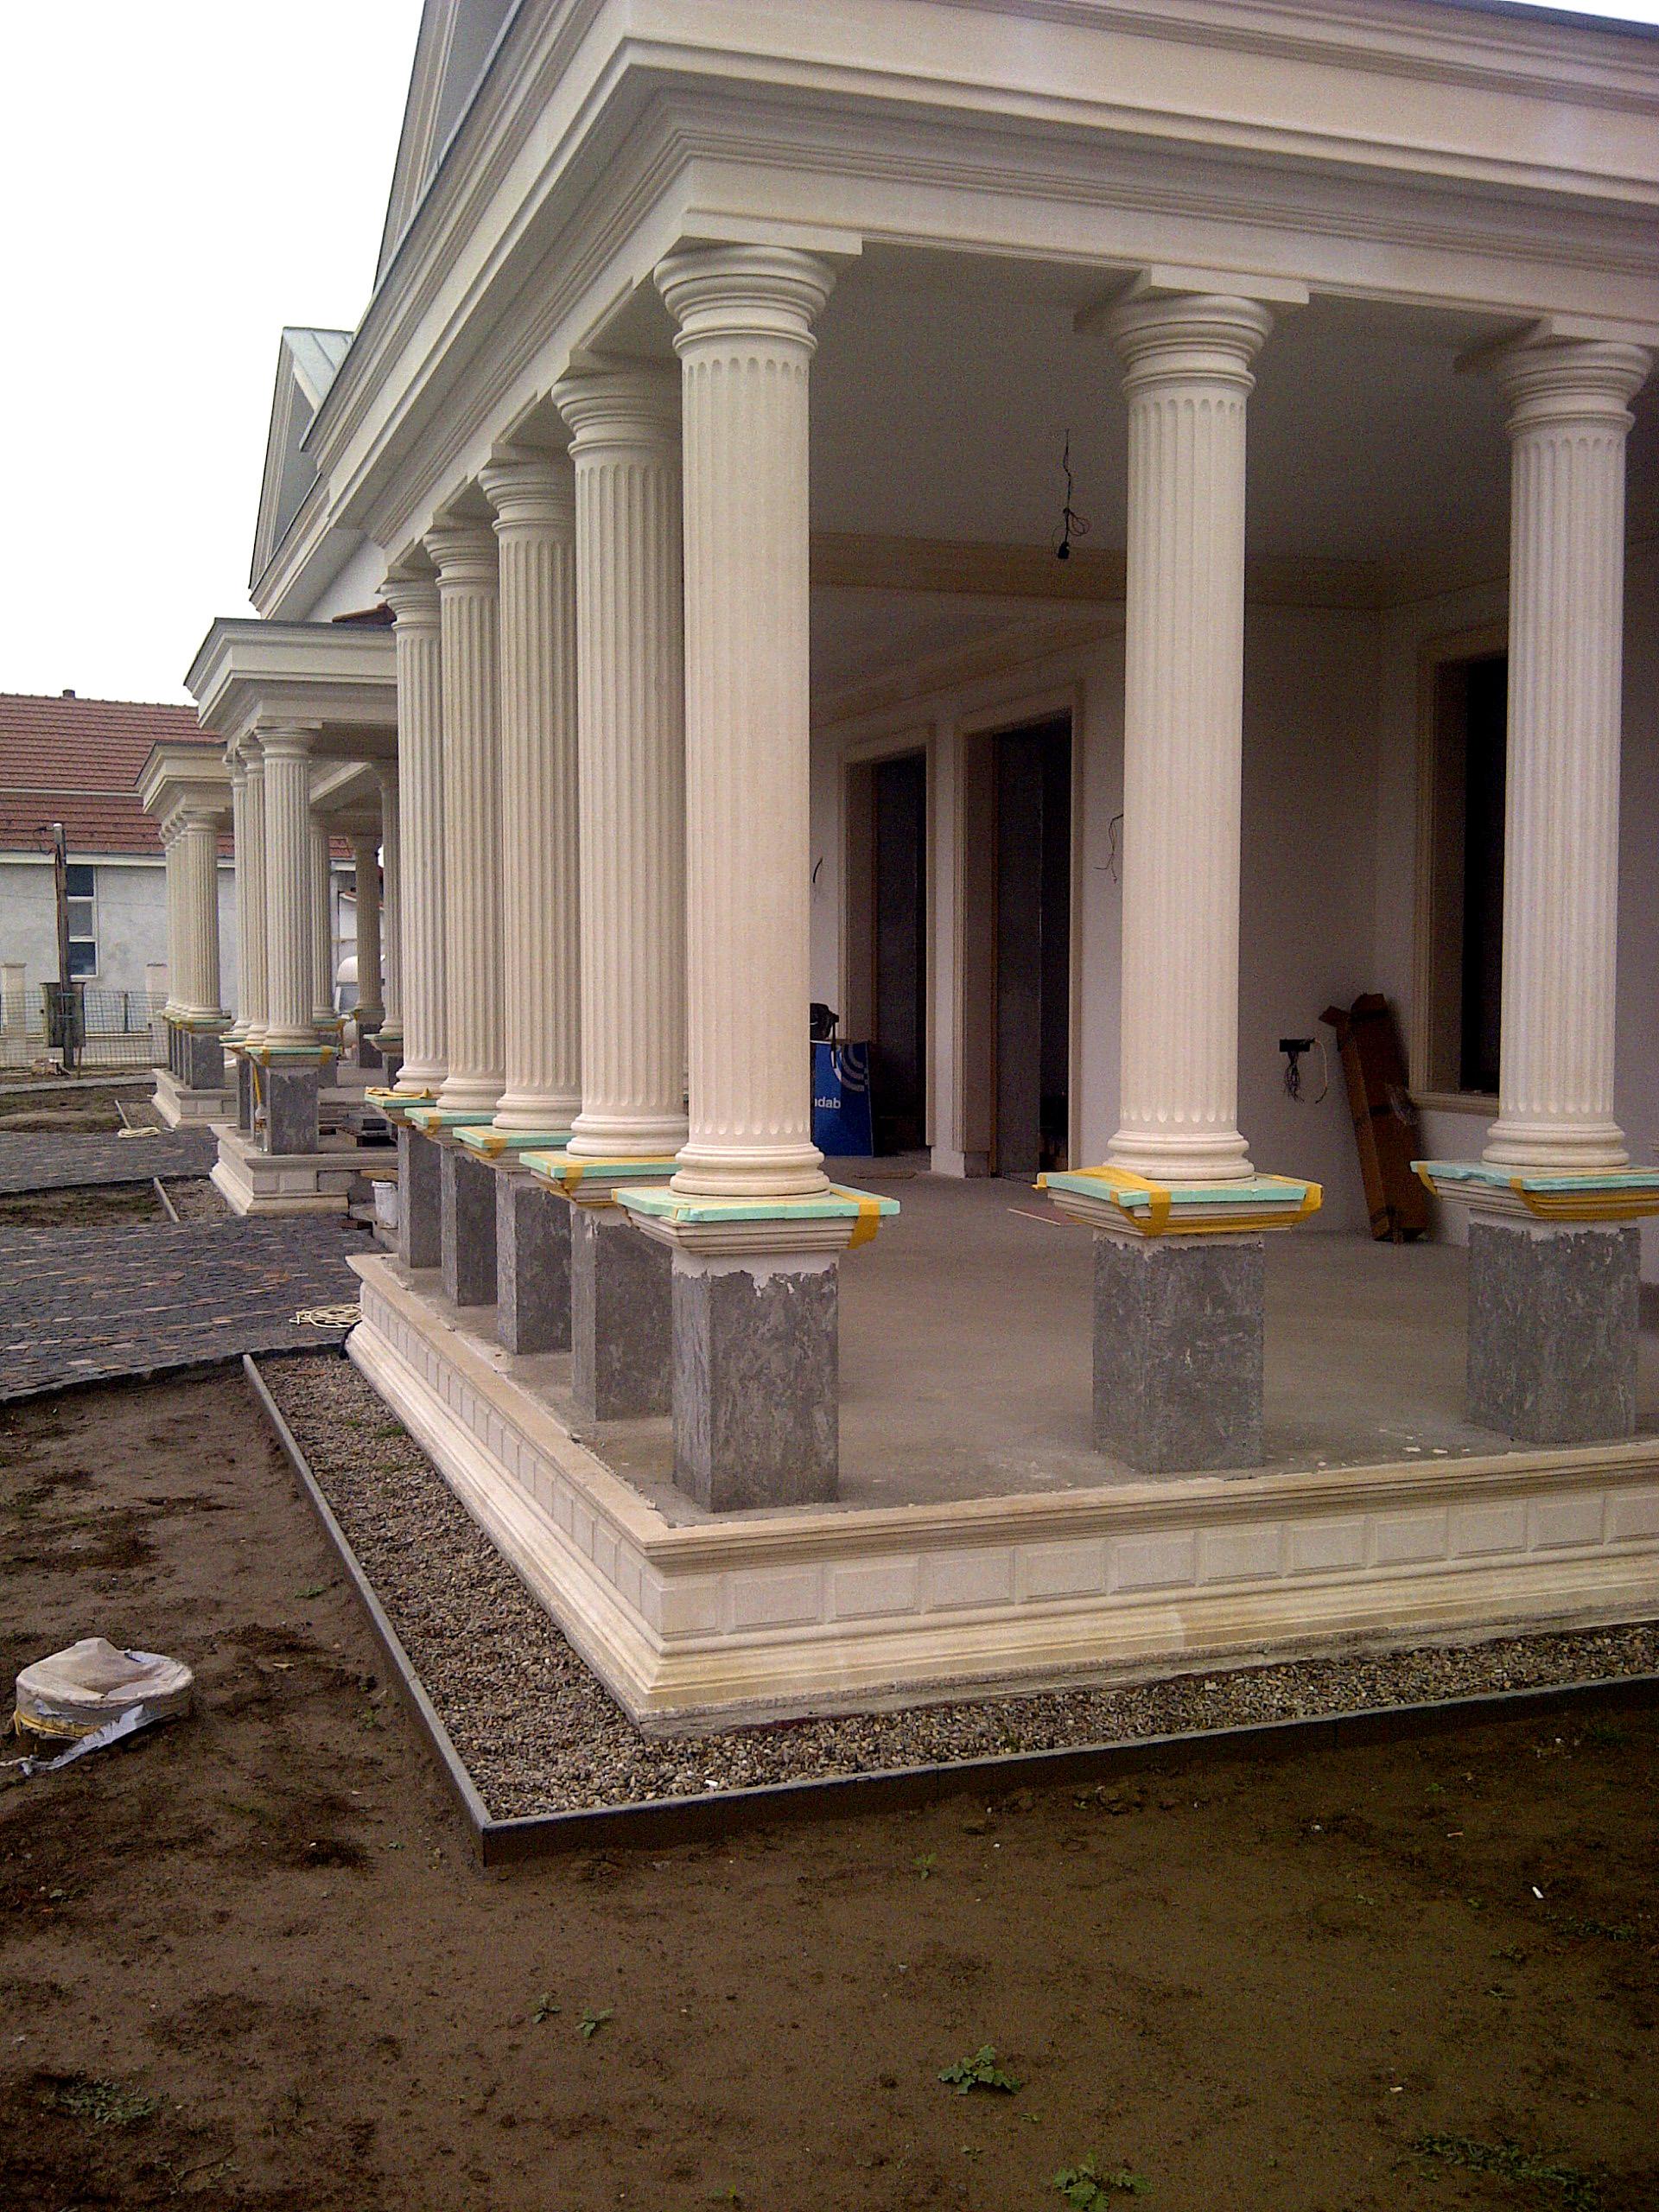 Elemente arhitecturale LEVENTE COMPANIE - Poza 2